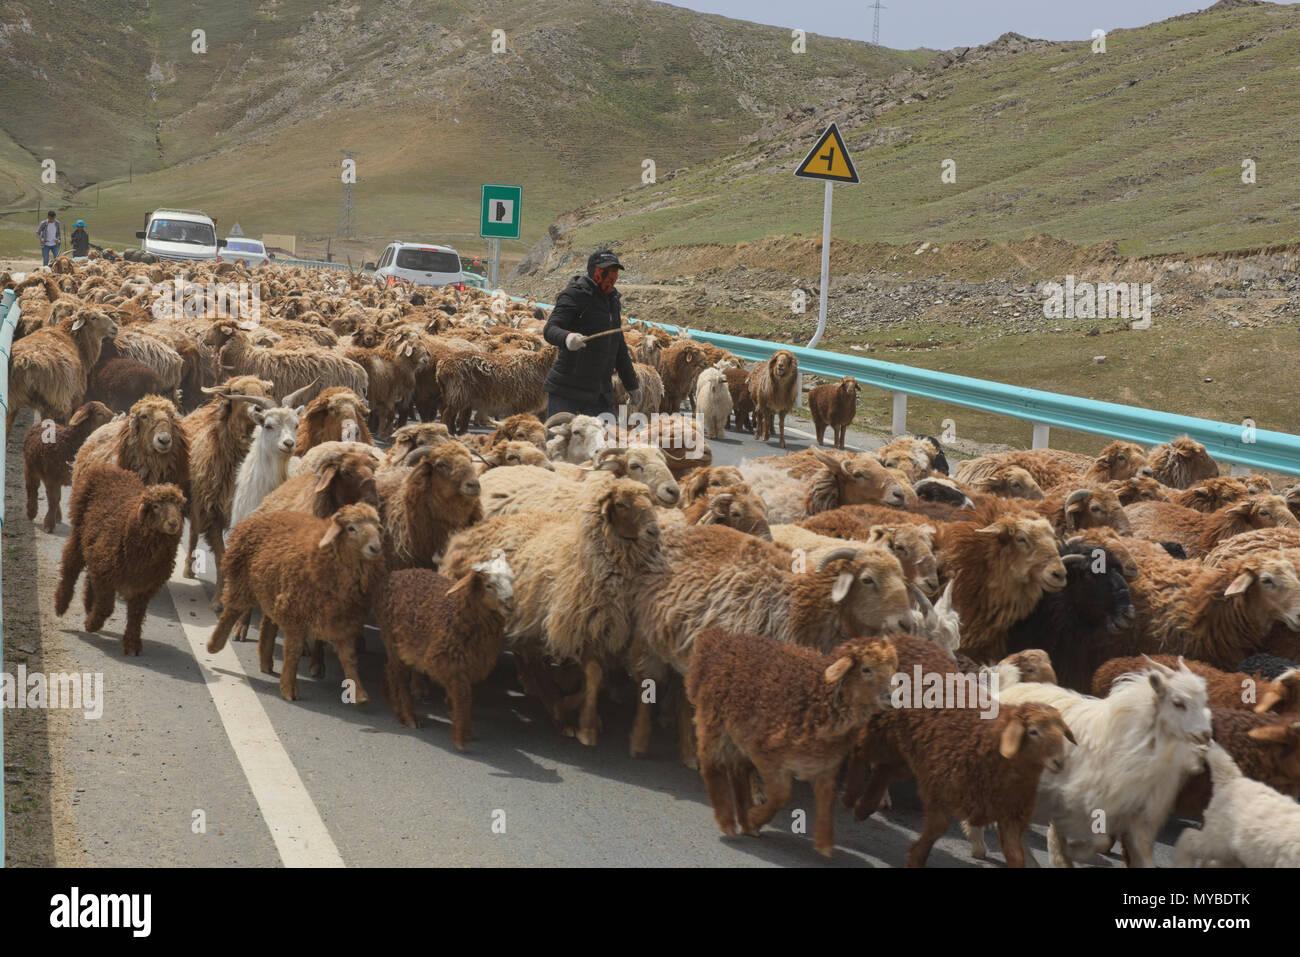 Kazakh nomads rounding up their sheep, Keketuohai, Xinjiang, China - Stock Image